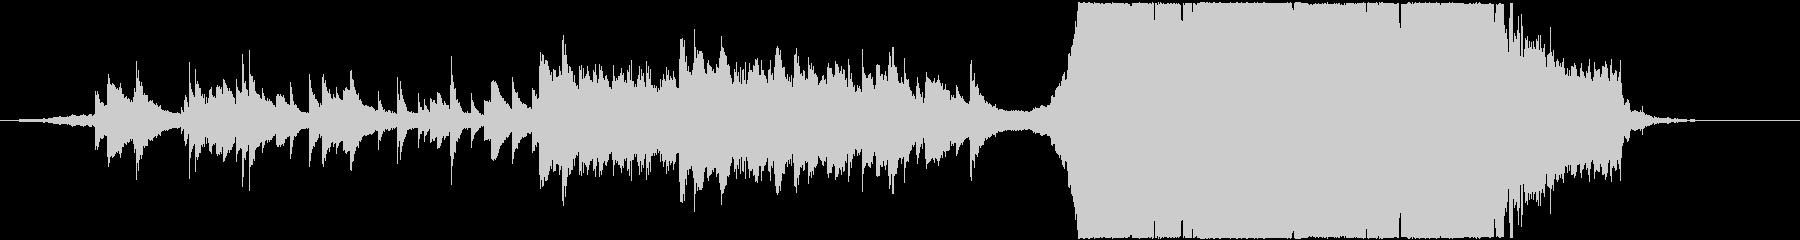 壮大なオーケストラ曲(予告画像に最適)の未再生の波形